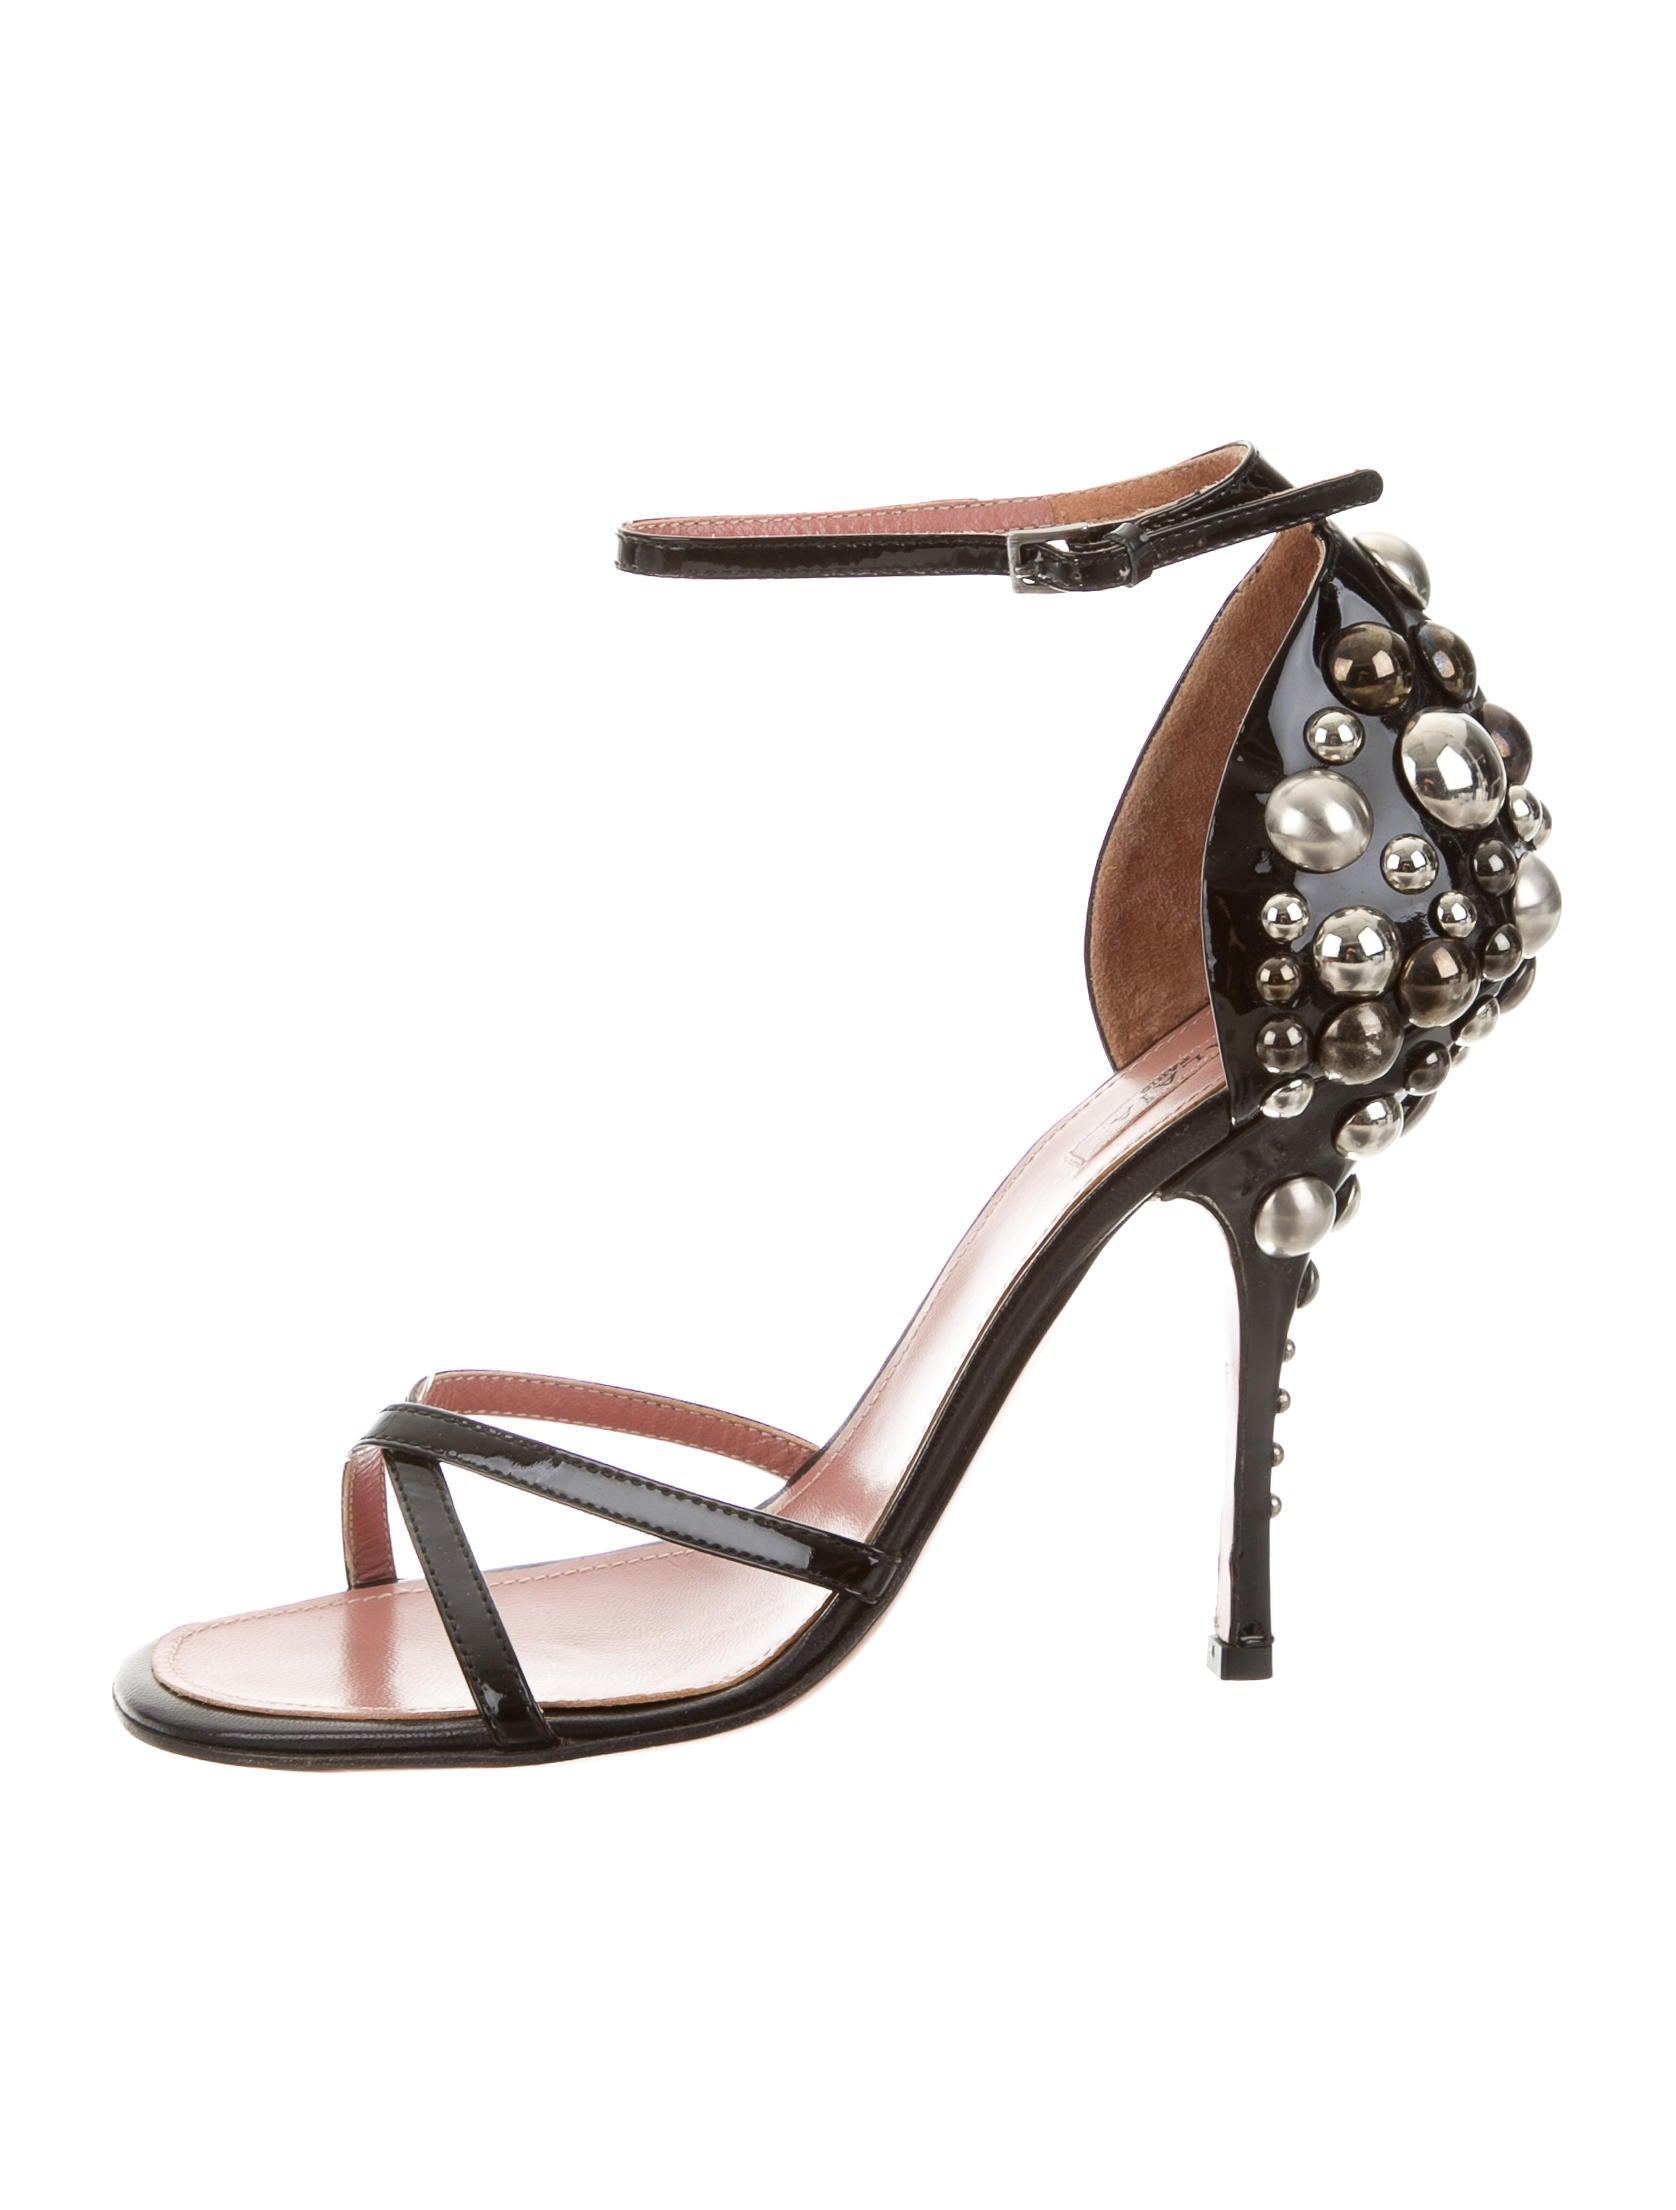 Alaïa Stud-Embellished Multistrap Sandals sale shop best deals outlet free shipping enjoy shopping cheap nicekicks gWVsruLA8